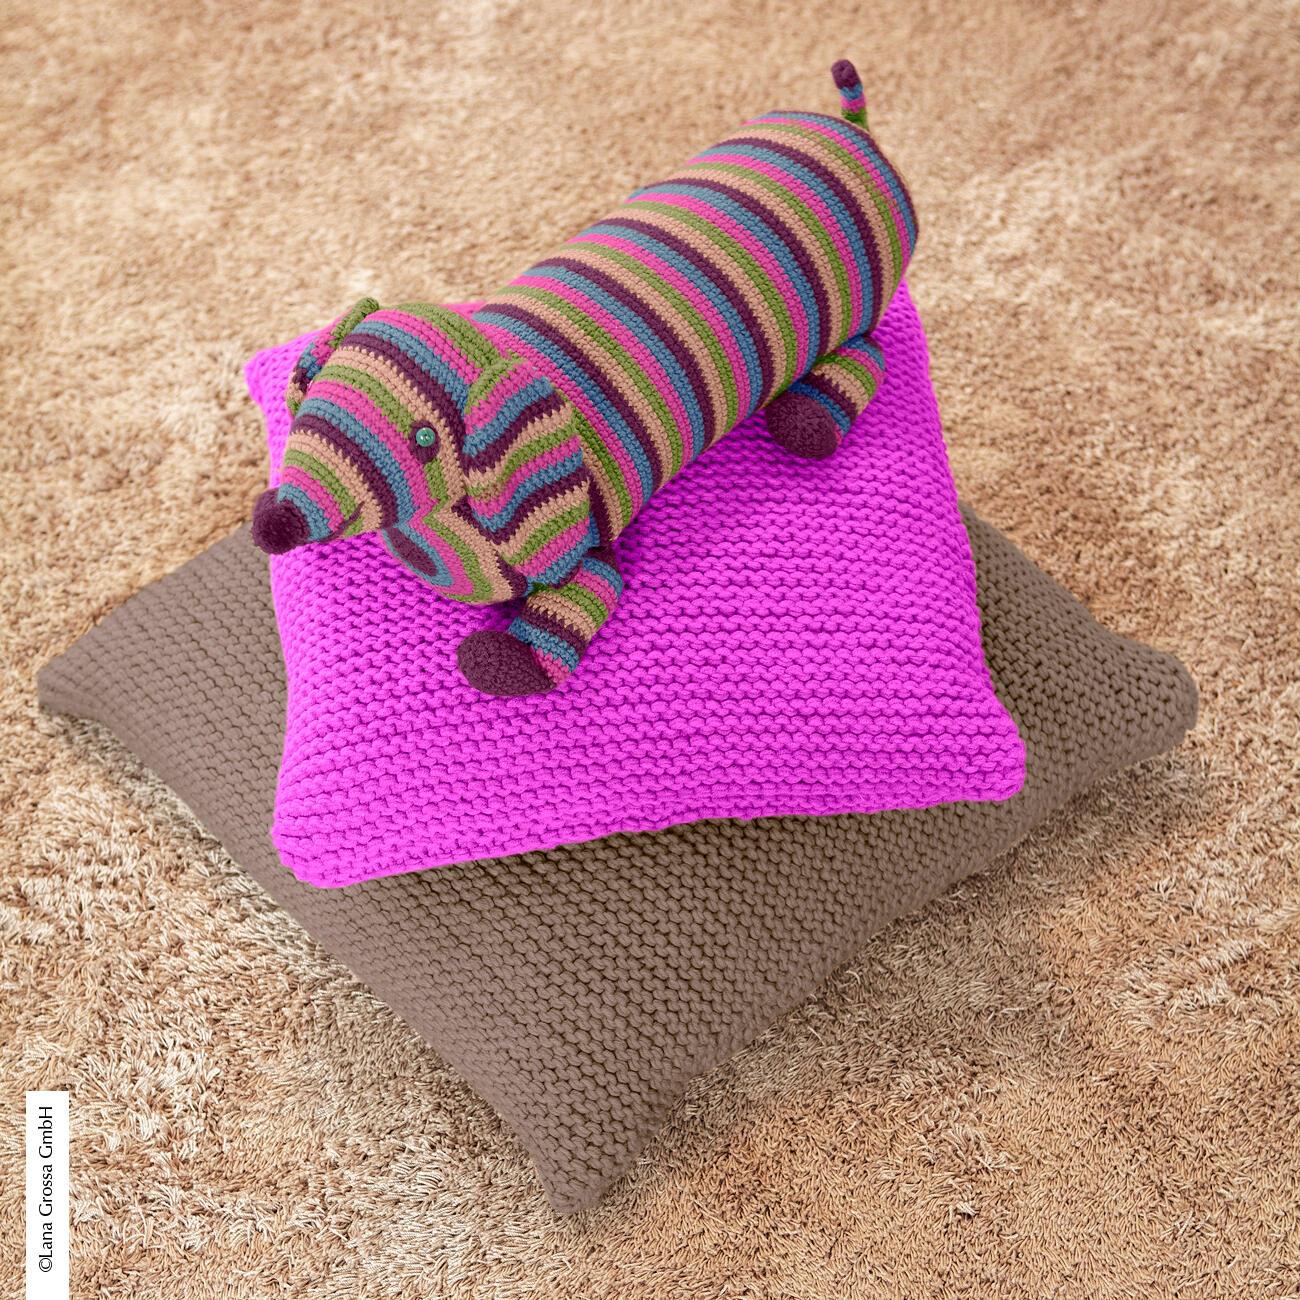 anleitung 312 2 2 f dig gestrickte kissenh llen aus mille ii von lana grossa 2 versch farben. Black Bedroom Furniture Sets. Home Design Ideas